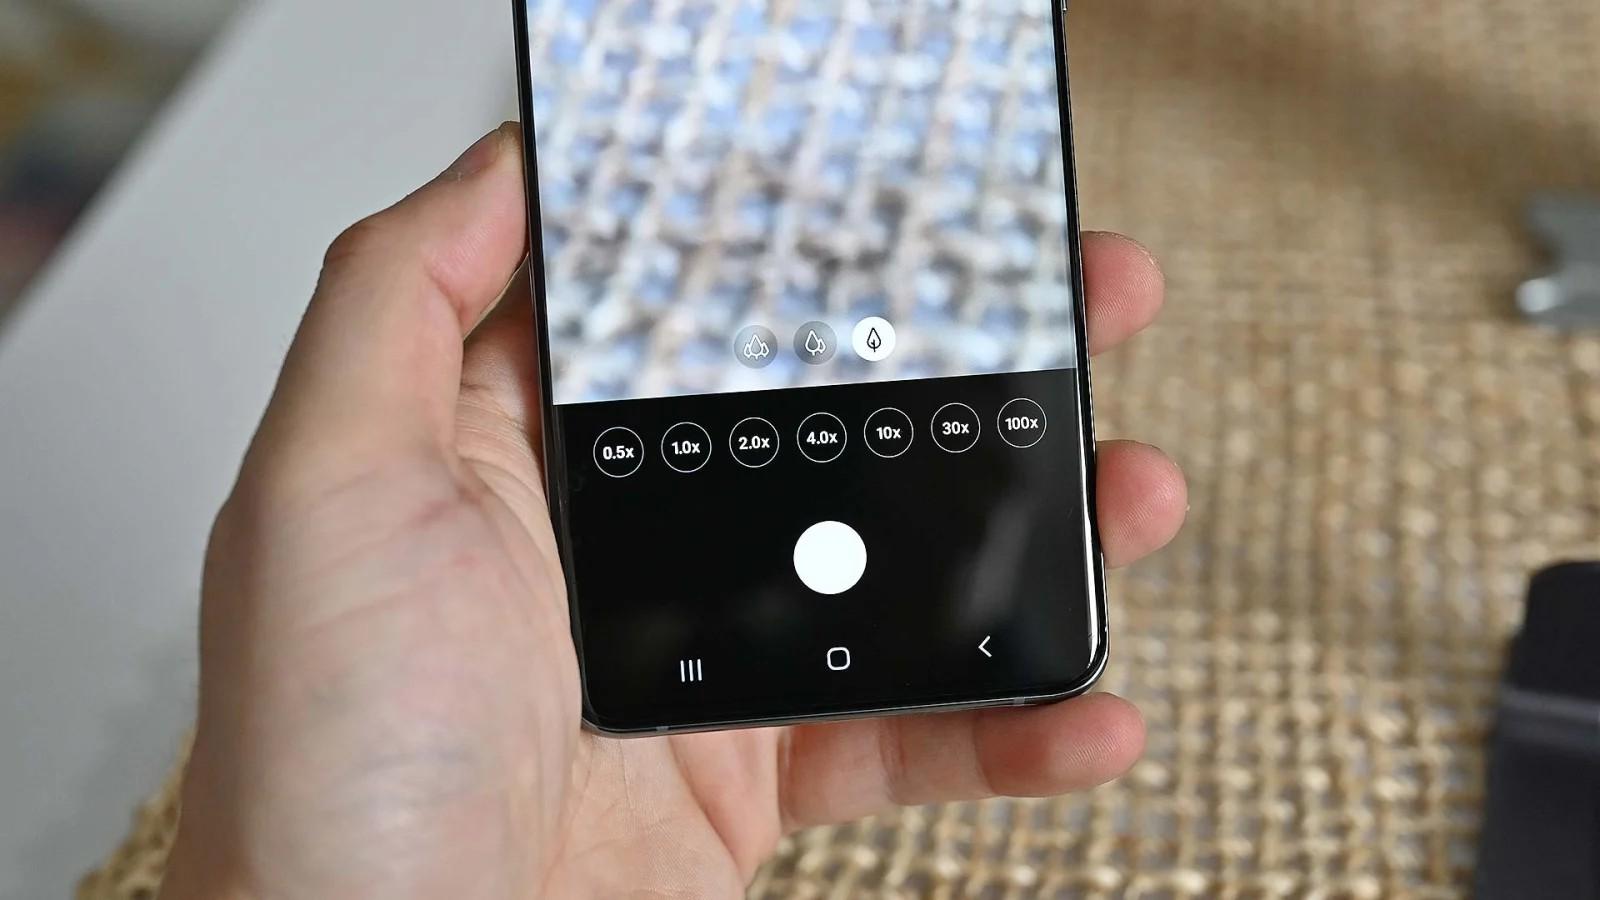 Ứng dụng chụp ảnh trên S20 Ultra được trang bị các nút zoom nhanh. Ảnh: Sam Rutherford (Gizmodo)